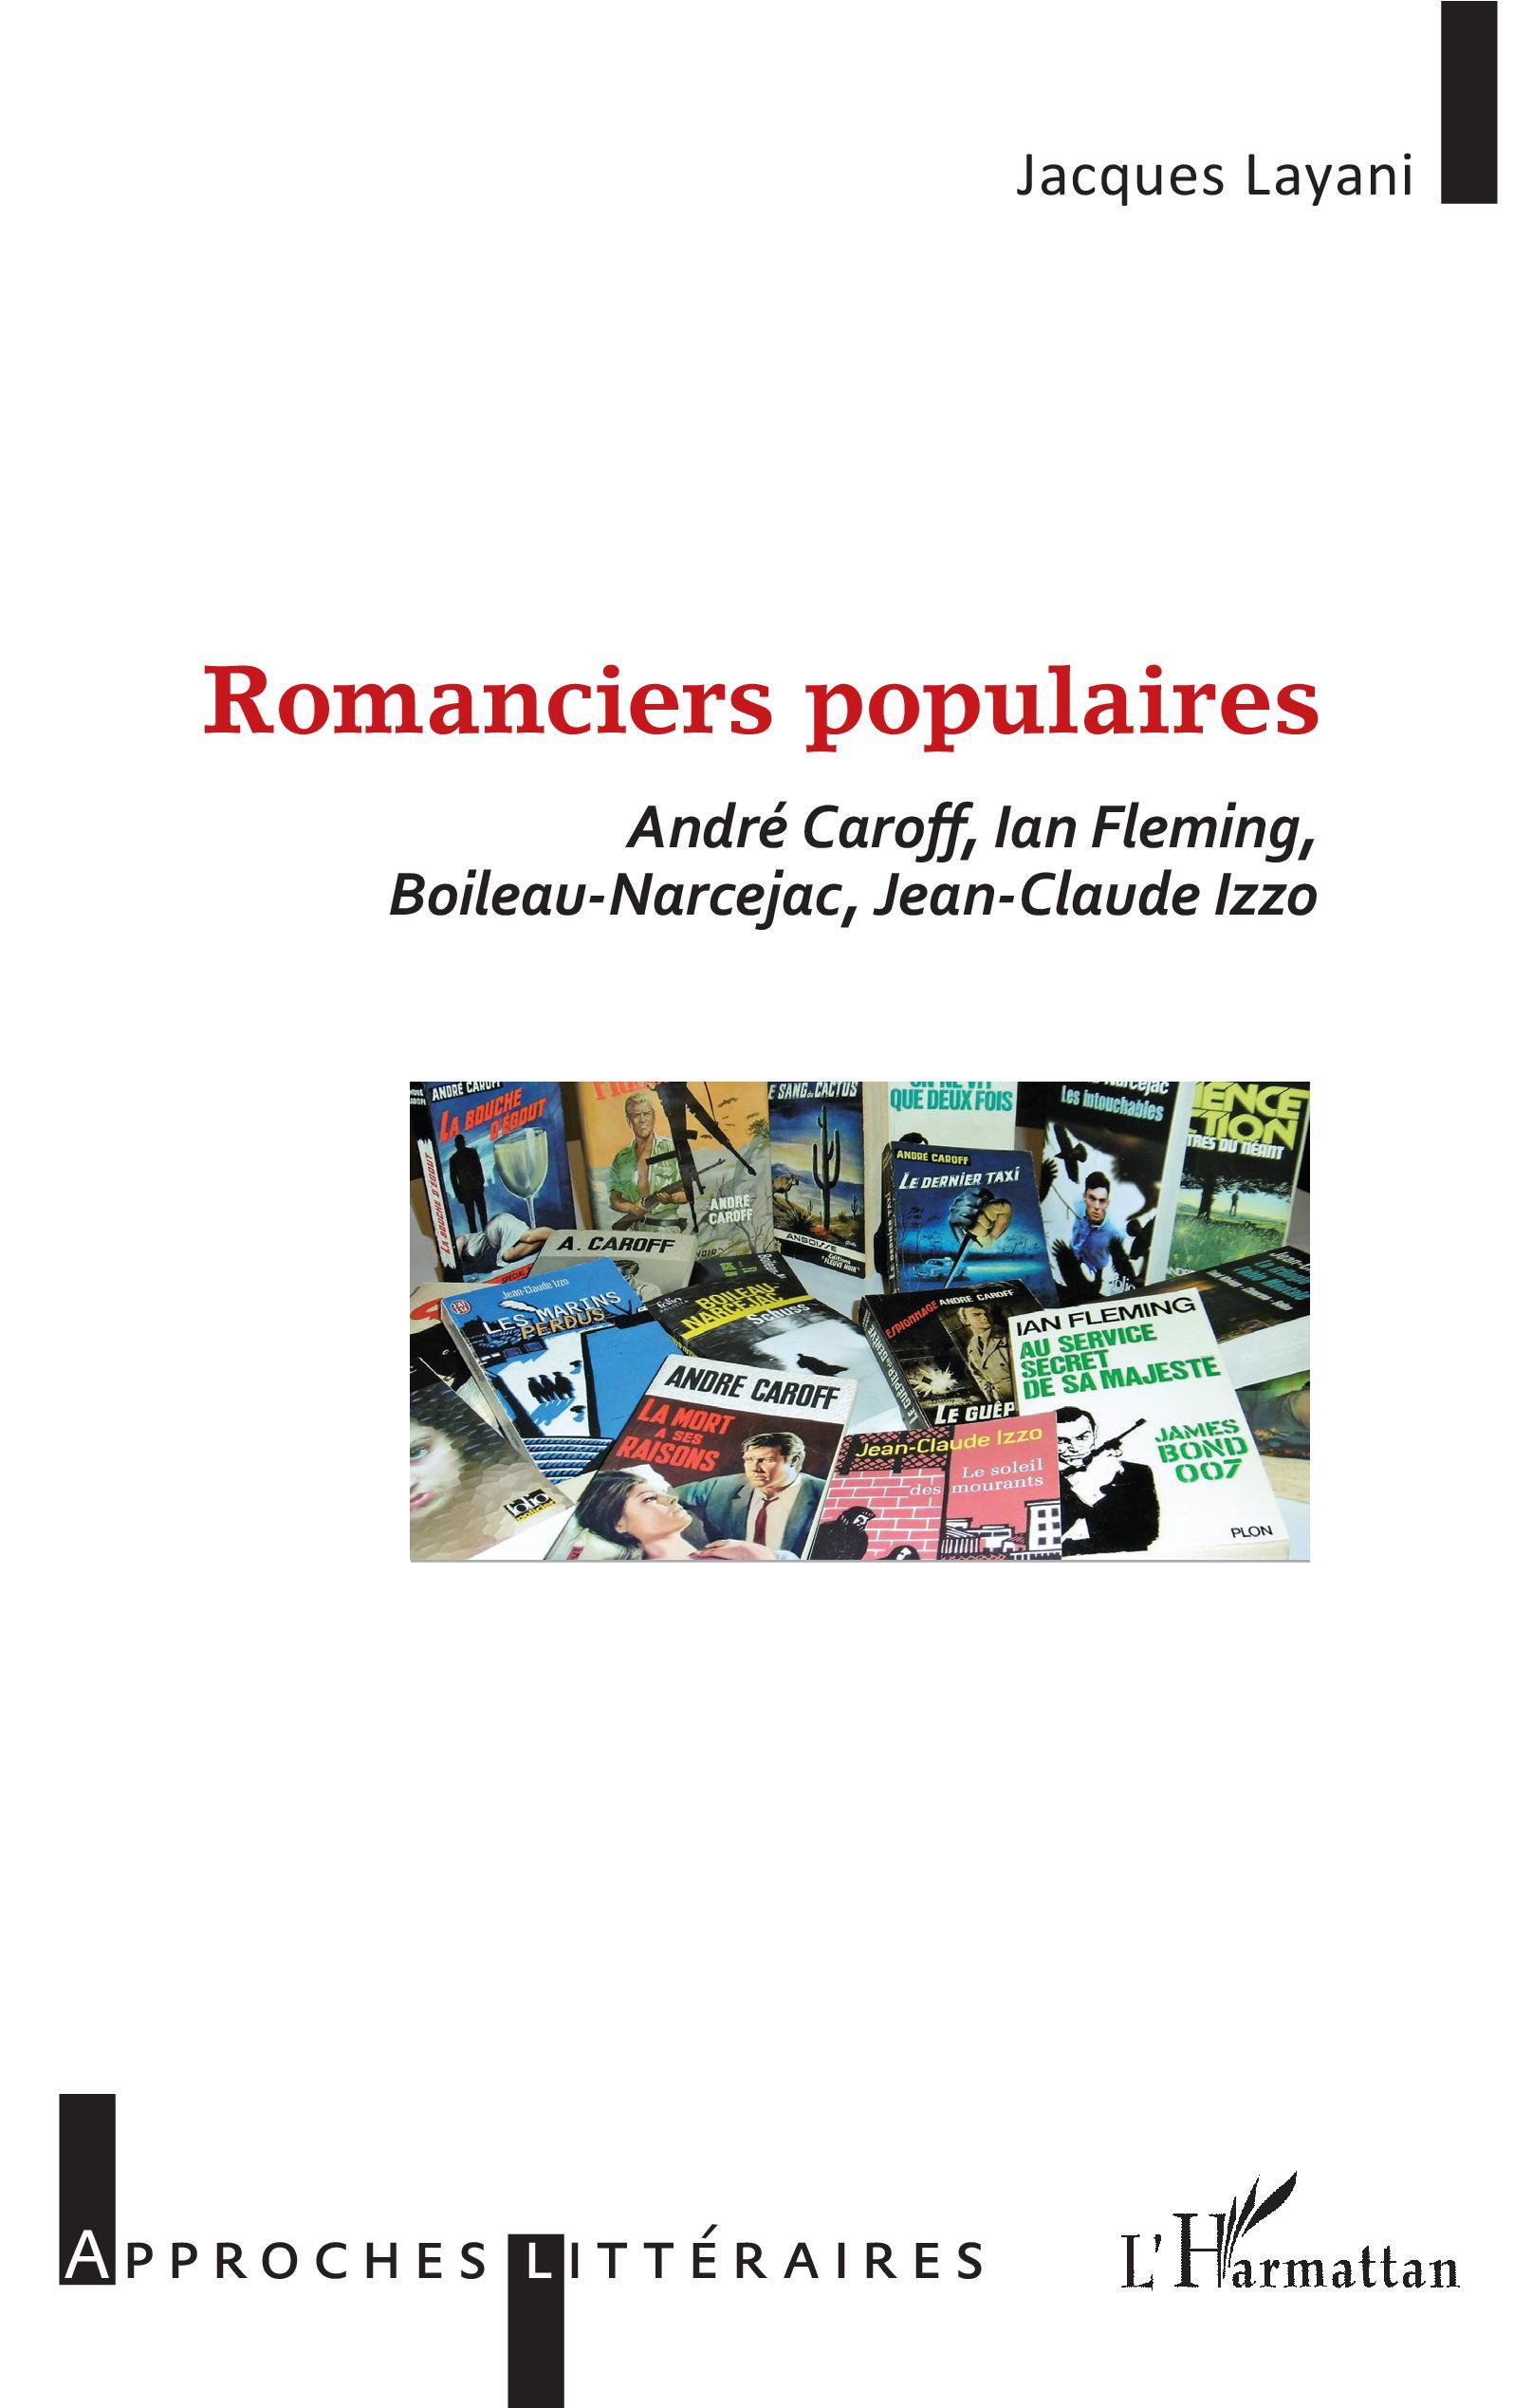 J. Layani, Romanciers populaires